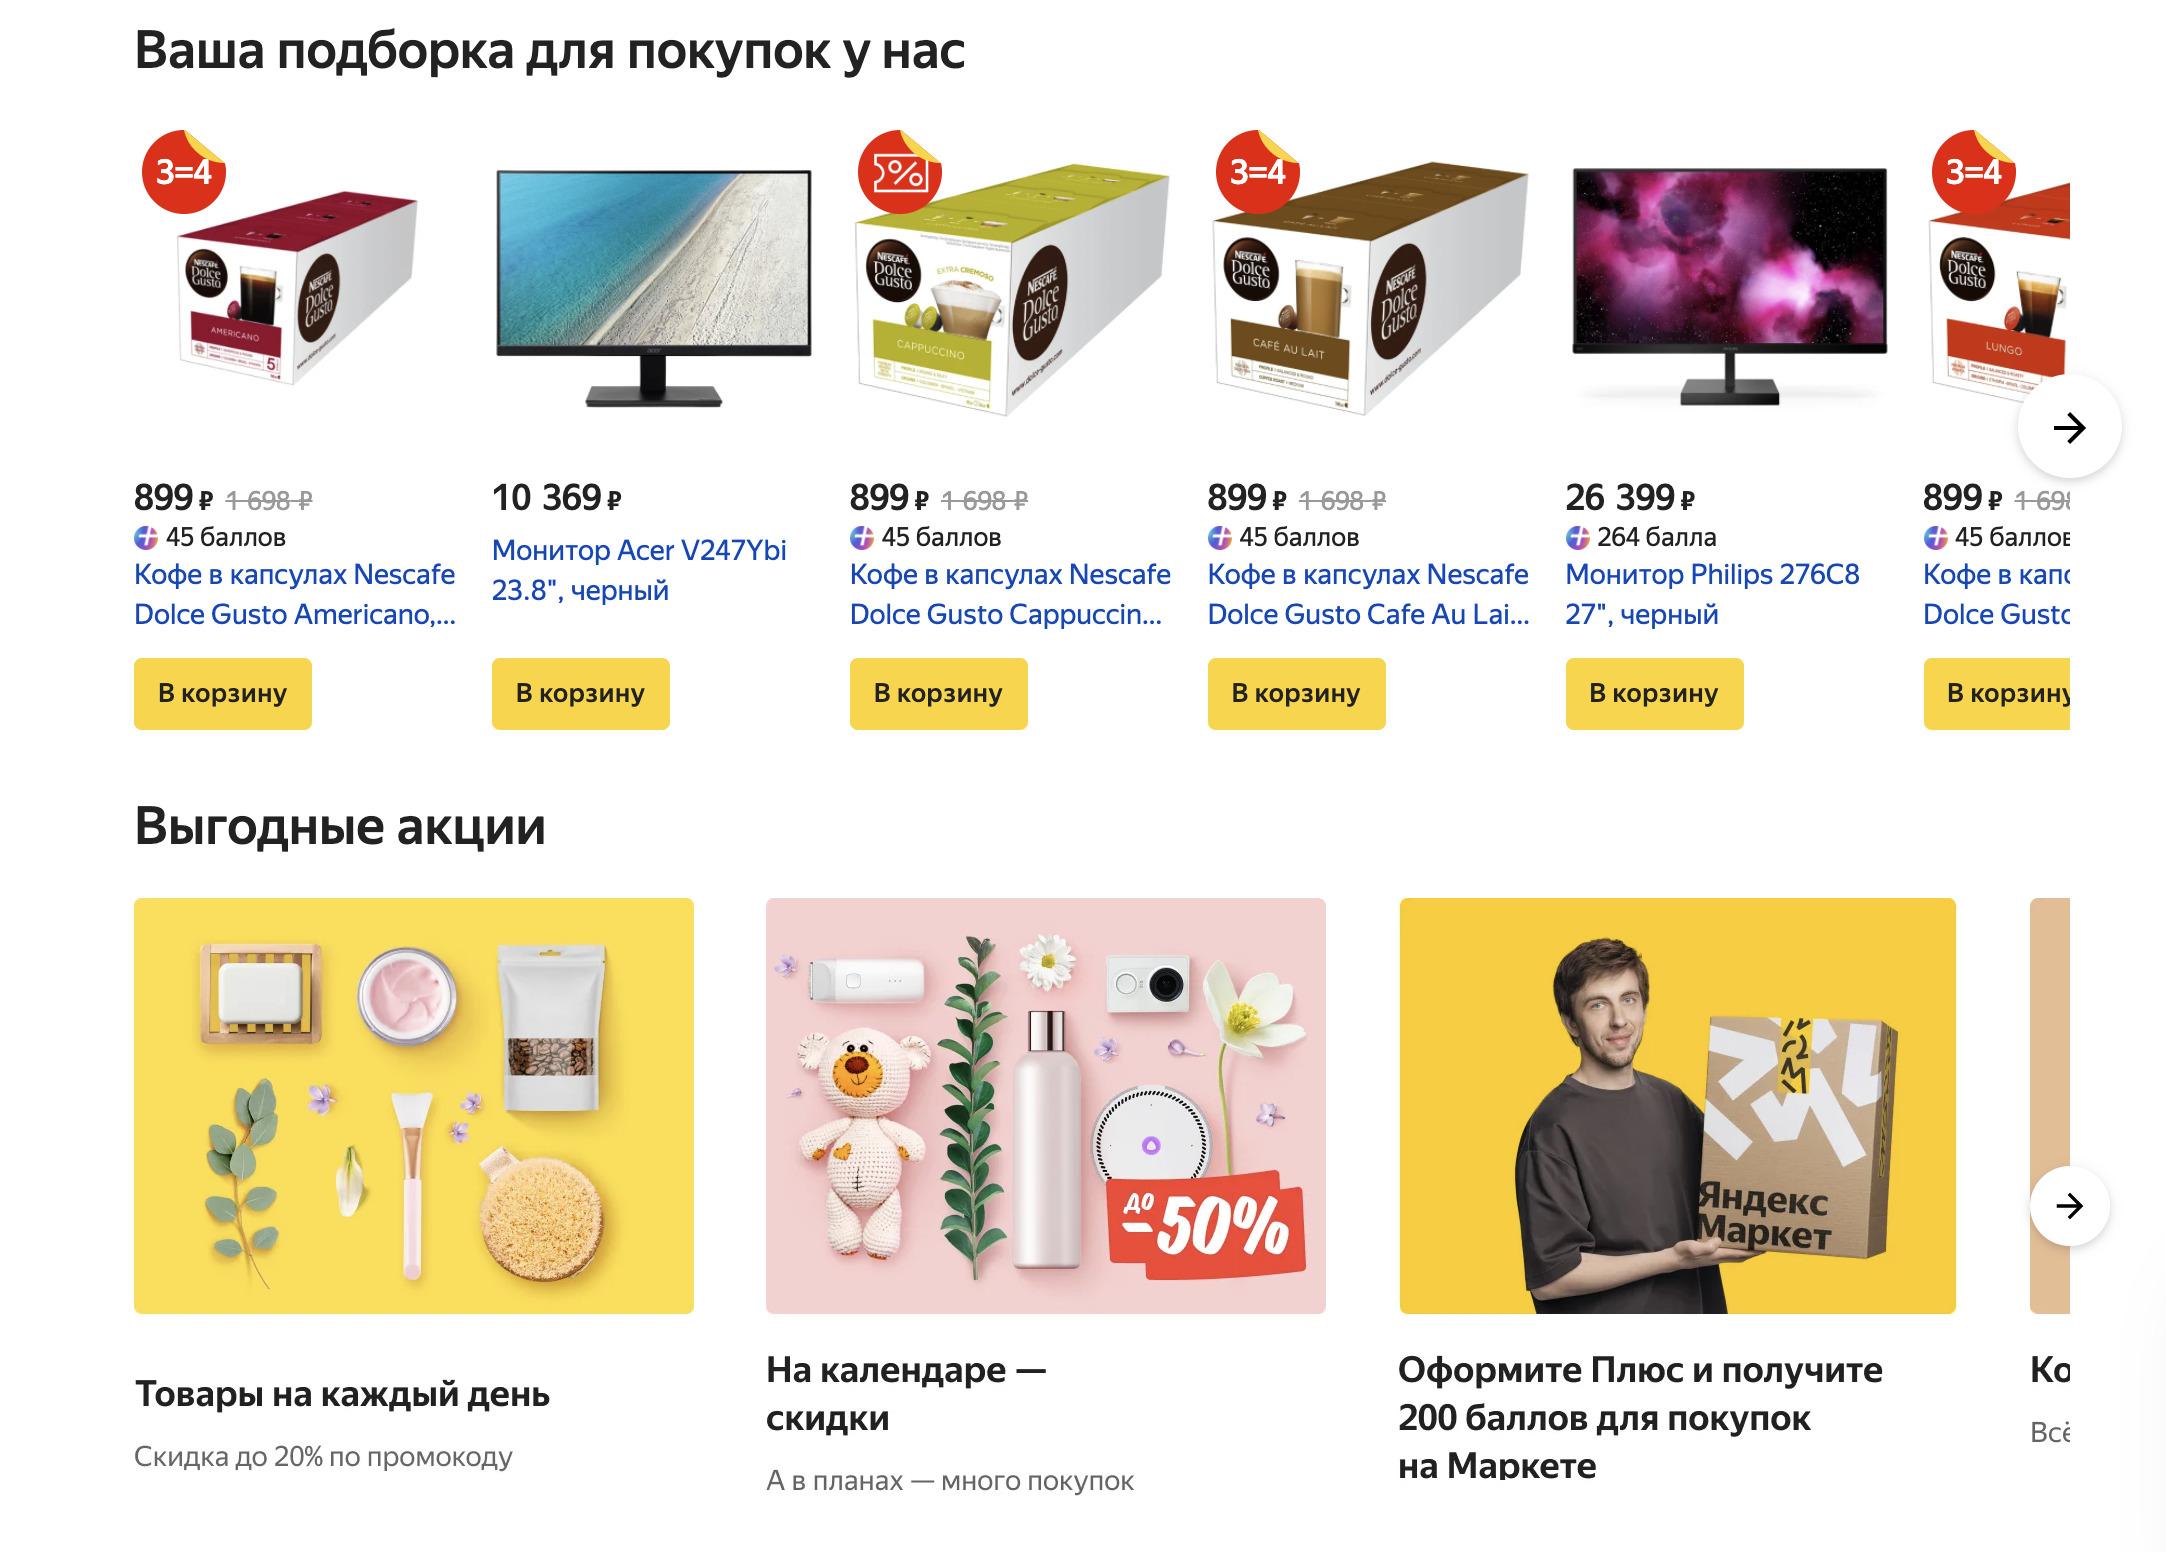 Доставка из Яндекс.Маркет в Казань, сроки, пункты выдачи, каталог